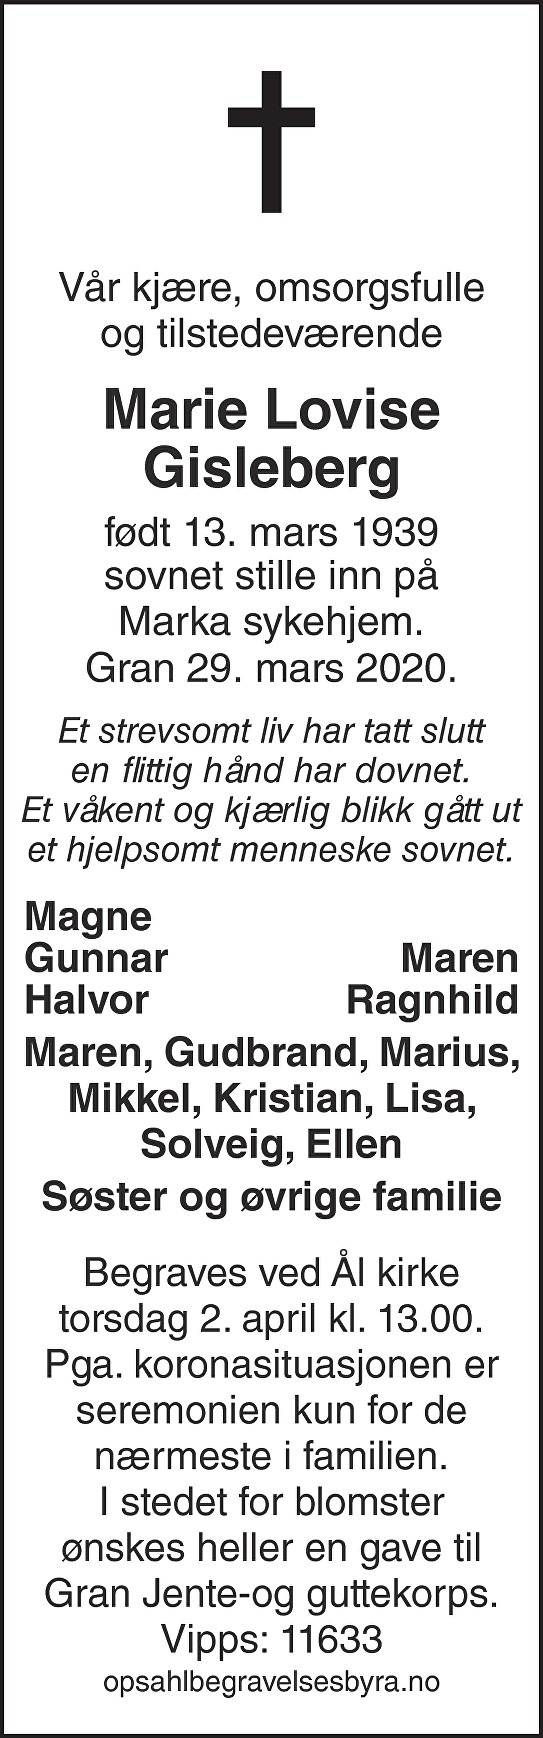 Marie Lovise Gisleberg Dødsannonse